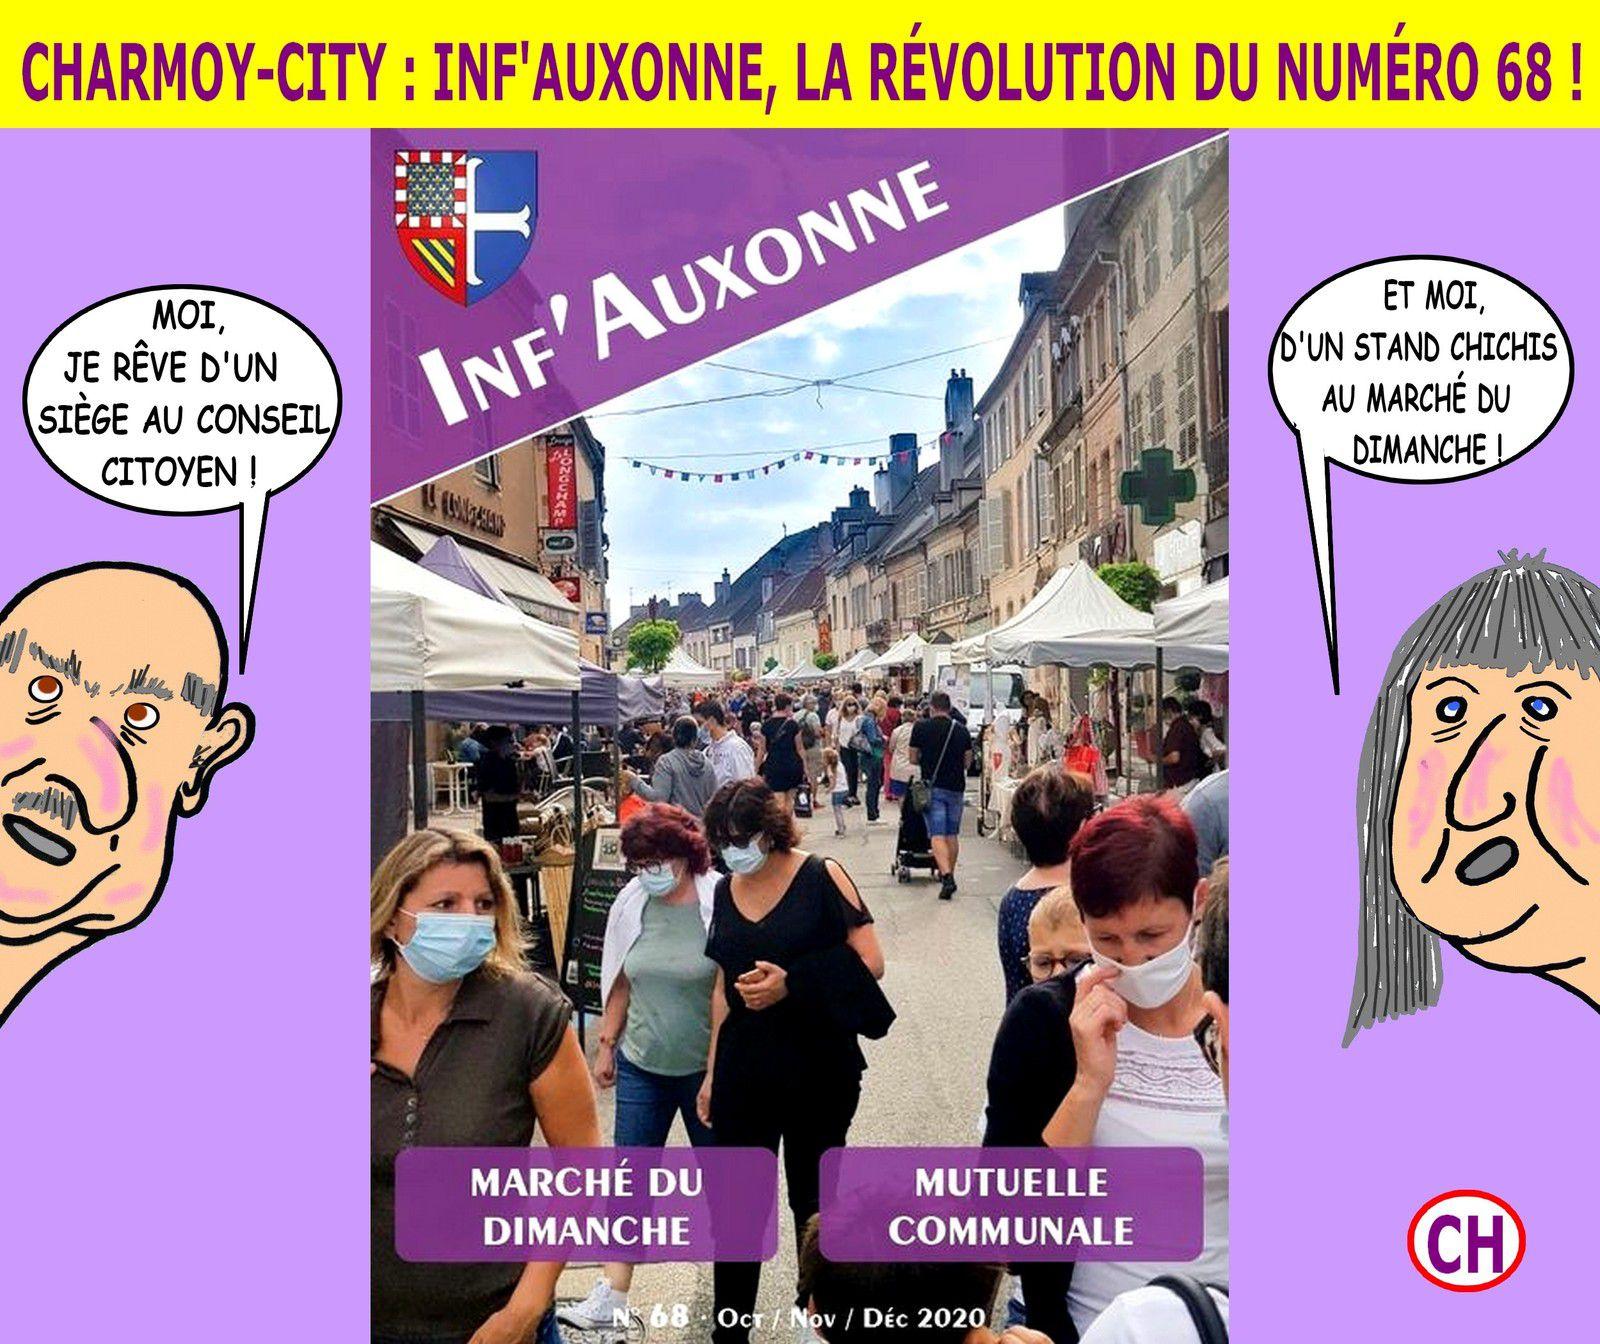 CHARMOY-CITY : INF'AUXONNE, LA RÉVOLUTION DU 68 ! - du 20 octobre 2020 (J+4325 après le vote négatif fondateur)